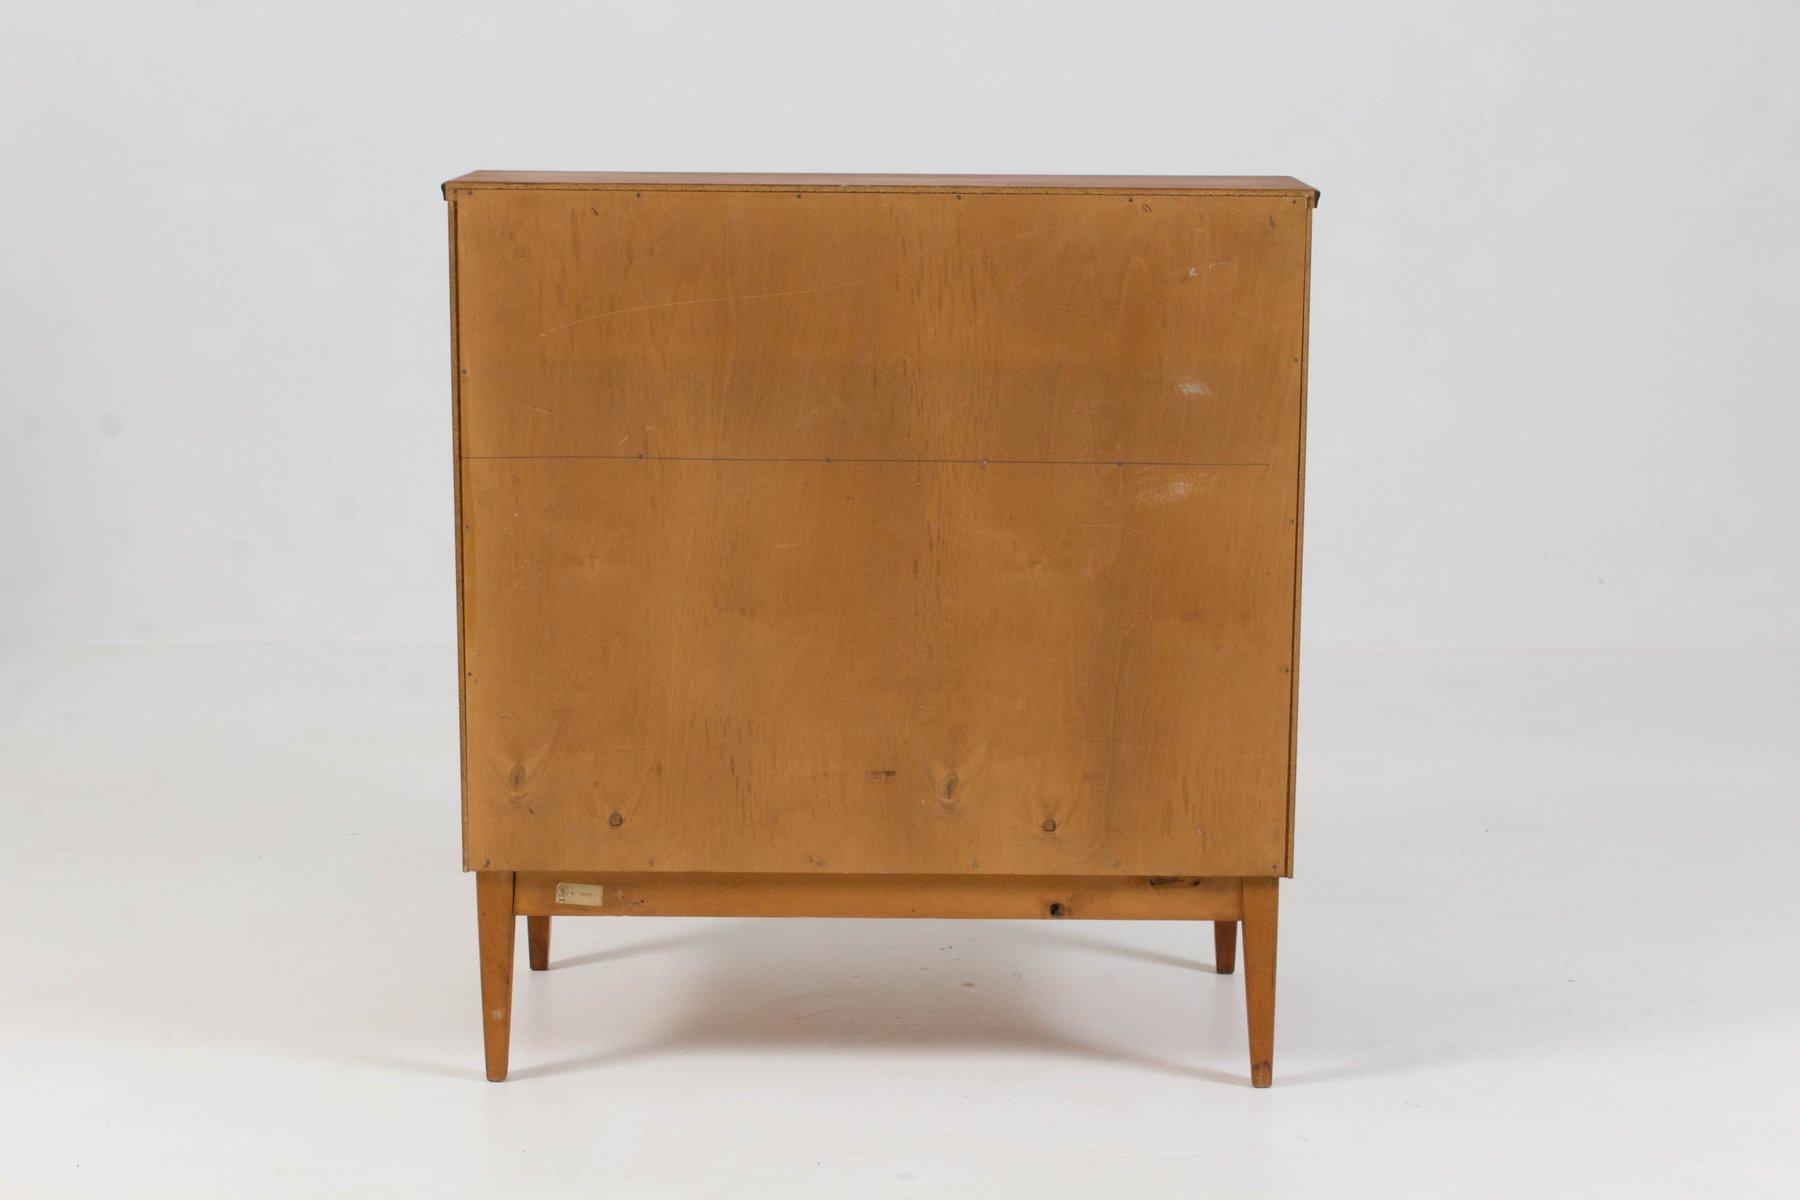 mid century modern roll sekret r von broderna gustafssons 1960er bei pamono kaufen. Black Bedroom Furniture Sets. Home Design Ideas